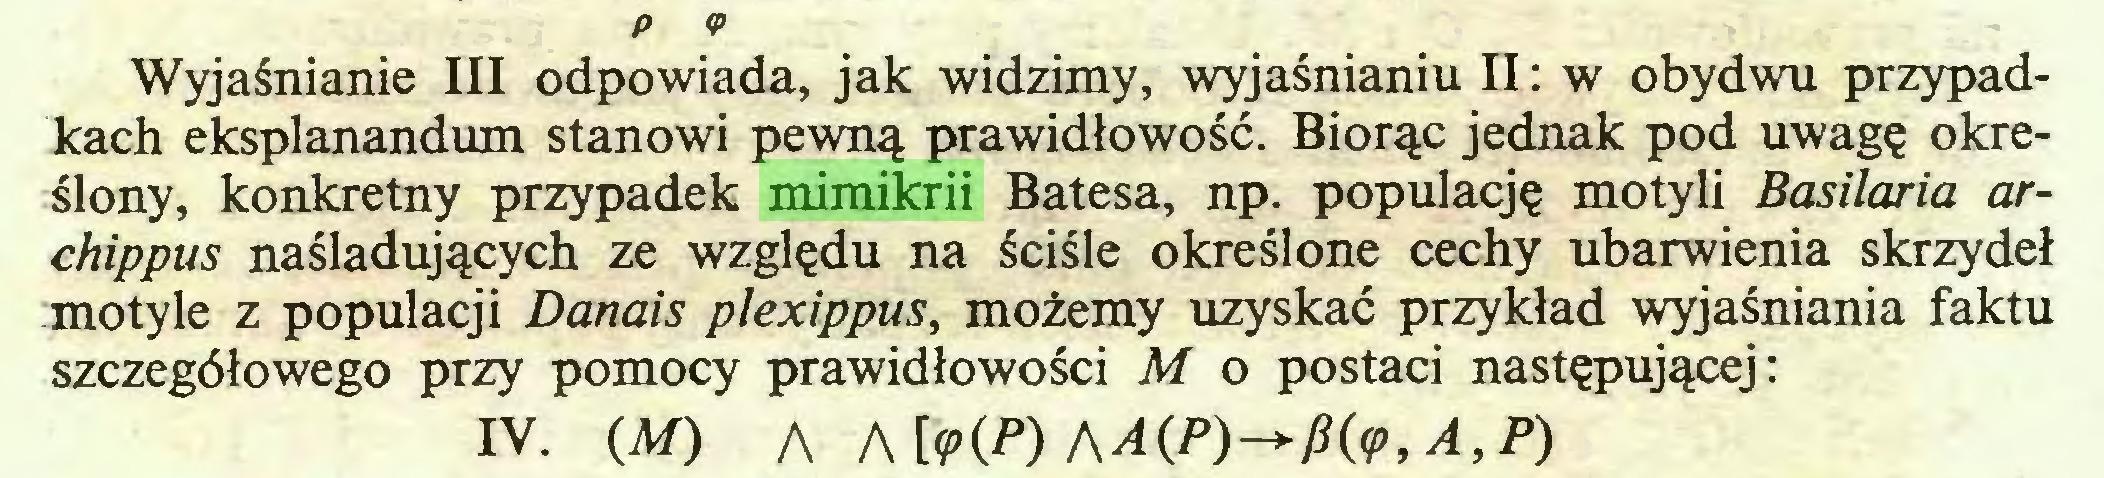 (...) P <P Wyjaśnianie III odpowiada, jak widzimy, wyjaśnianiu II: w obydwu przypadkach eksplanandum stanowi pewną prawidłowość. Biorąc jednak pod uwagę określony, konkretny przypadek mimikrii Batesa, np. populację motyli Basilaria archippus naśladujących ze względu na ściśle określone cechy ubarwienia skrzydeł motyle z populacji Danais plexippus, możemy uzyskać przykład wyjaśniania faktu szczegółowego przy pomocy prawidłowości M o postaci następującej: IV. (M) A Atę^) AA(P)^fi(<p,A,P)...